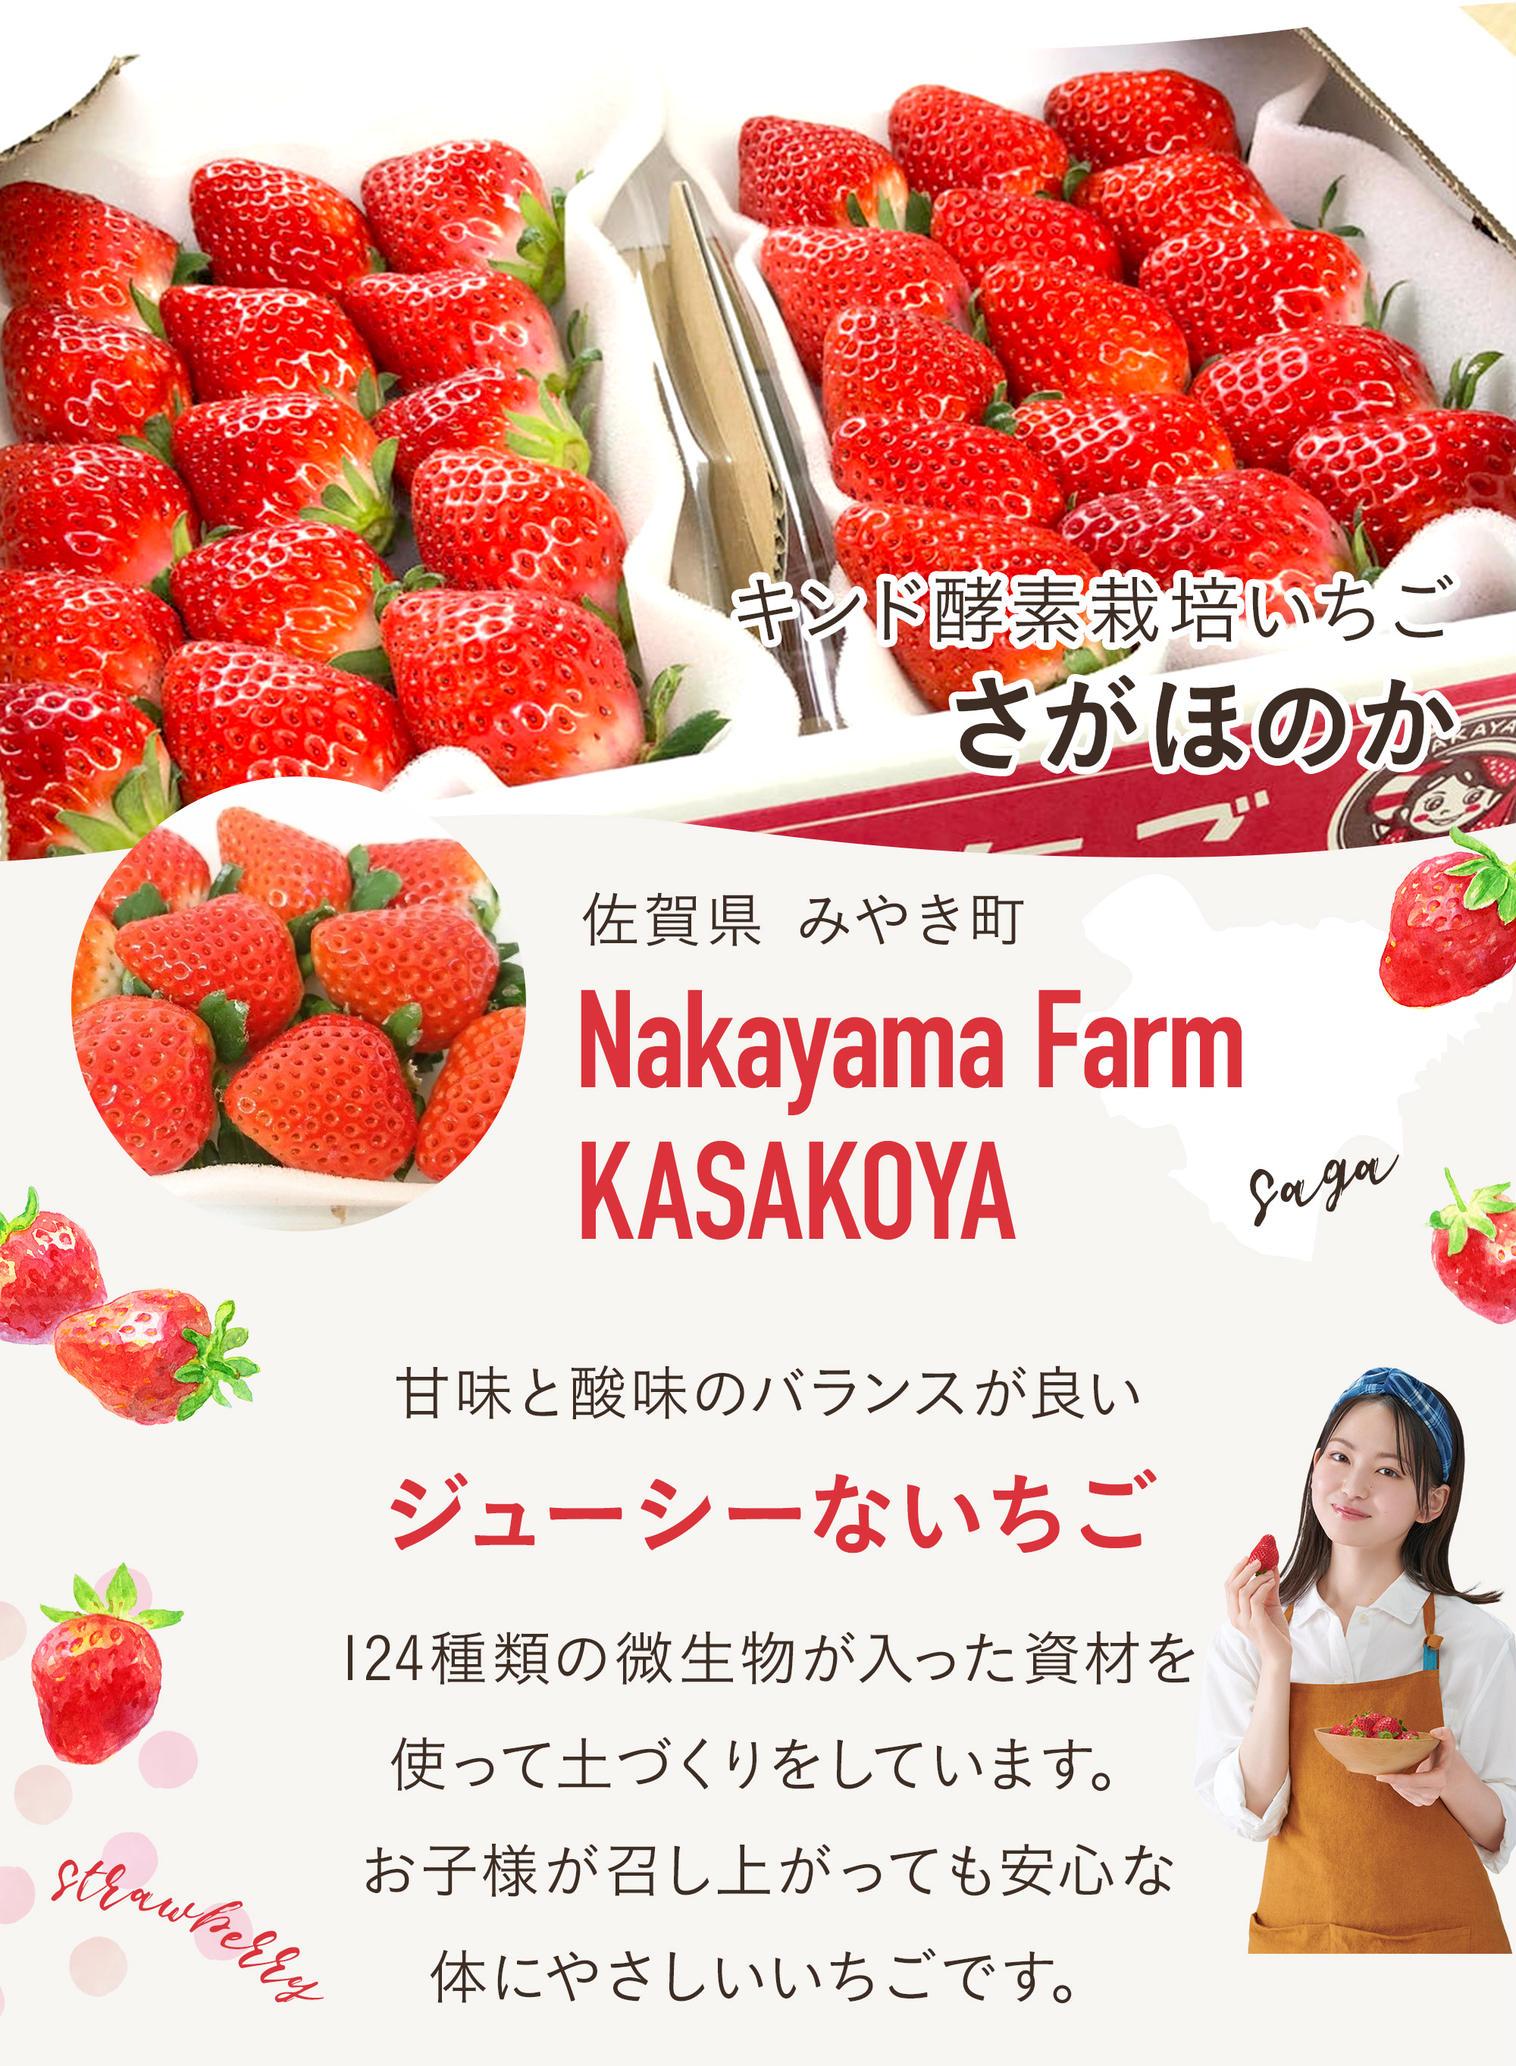 山田杏奈CMの産直通販アウルのあまーい酵素栽培いちごさがほのか。朝採れで新鮮だから美味しい